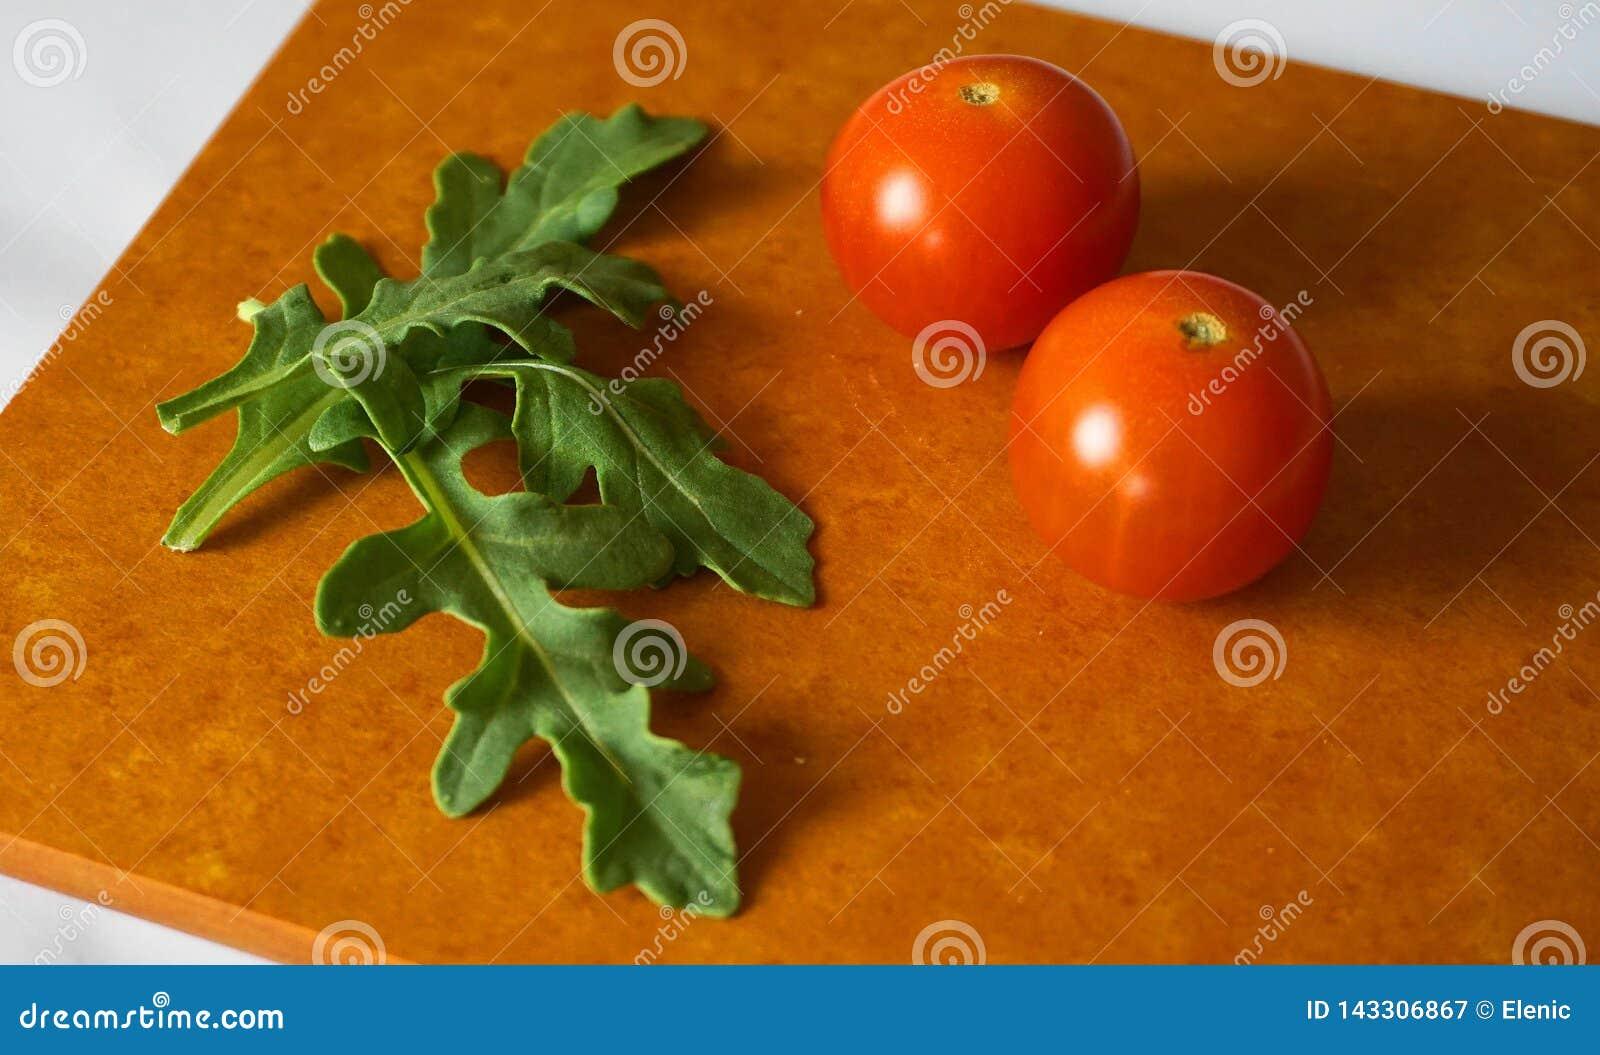 Verse groene arugulabladeren en kersentomaten op houtvezelplaat